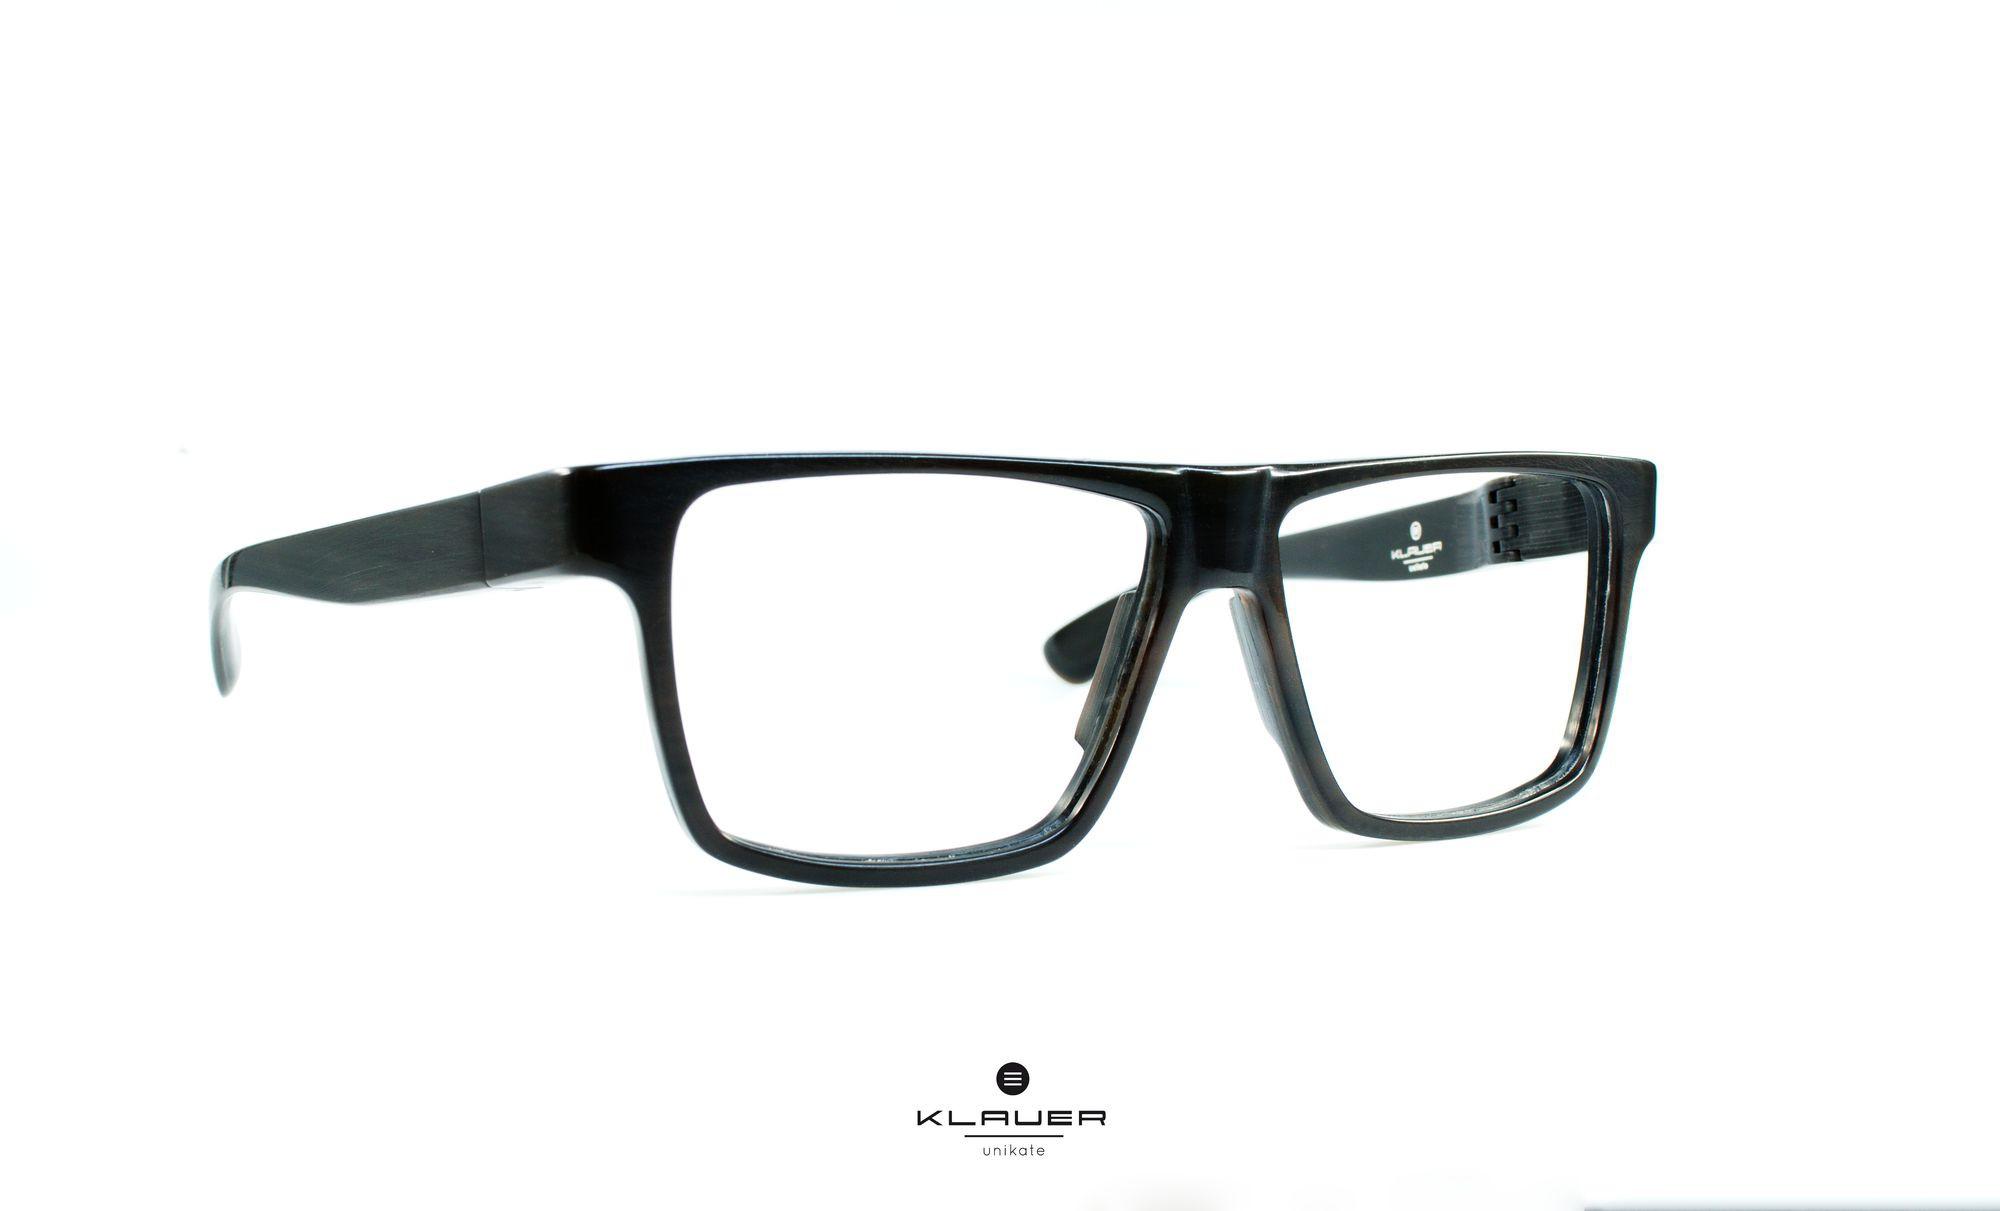 einzigartiges mit stil edel und progressiv die brille. Black Bedroom Furniture Sets. Home Design Ideas